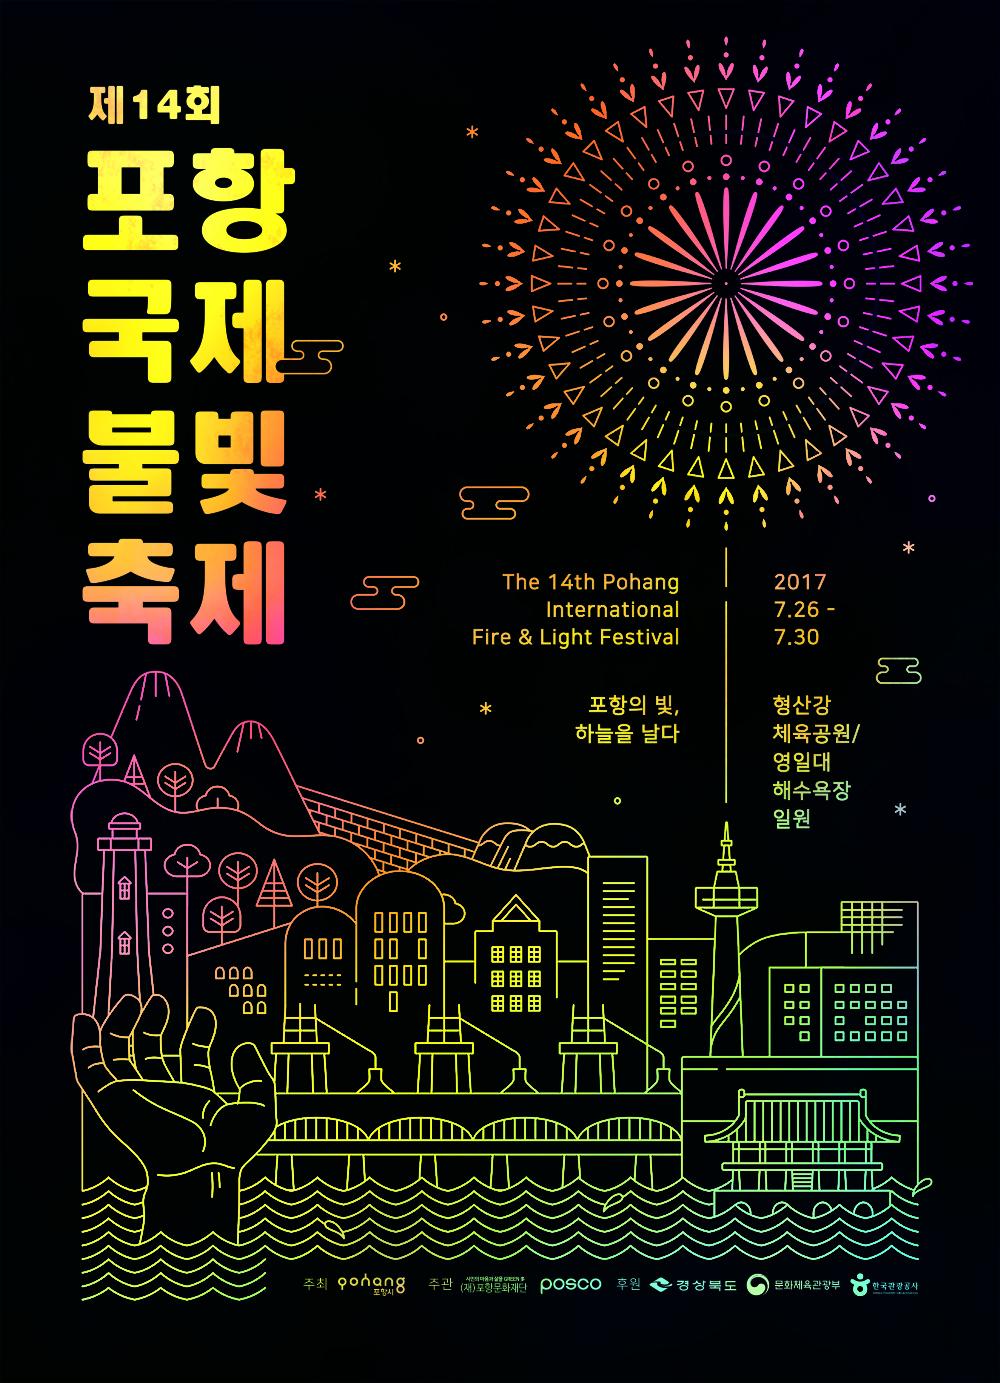 제 14회 포항불빛축제_포스터 포항의 빛, 하늘을 날다. 행산장 체육공원/영일대 해수욕장 일원